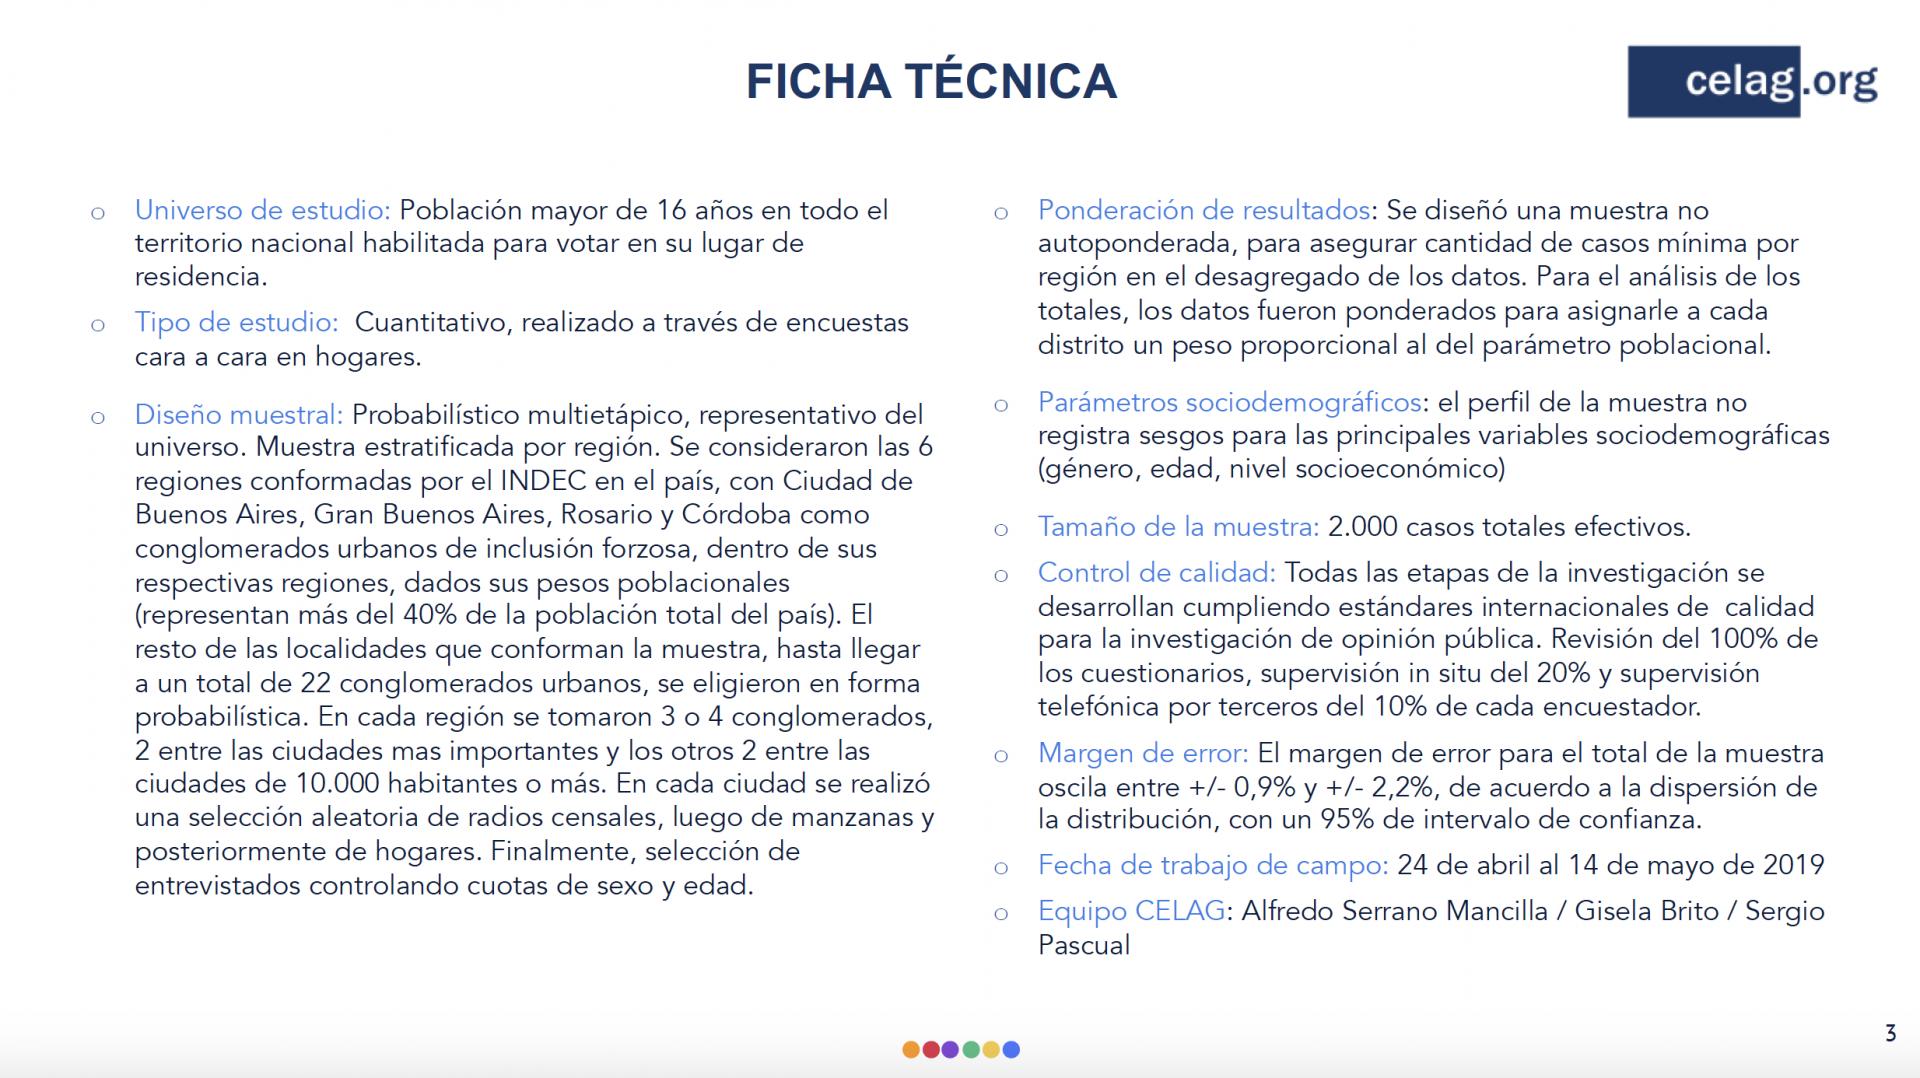 Captura de Pantalla 2019-05-16 a la(s) 23.43.41